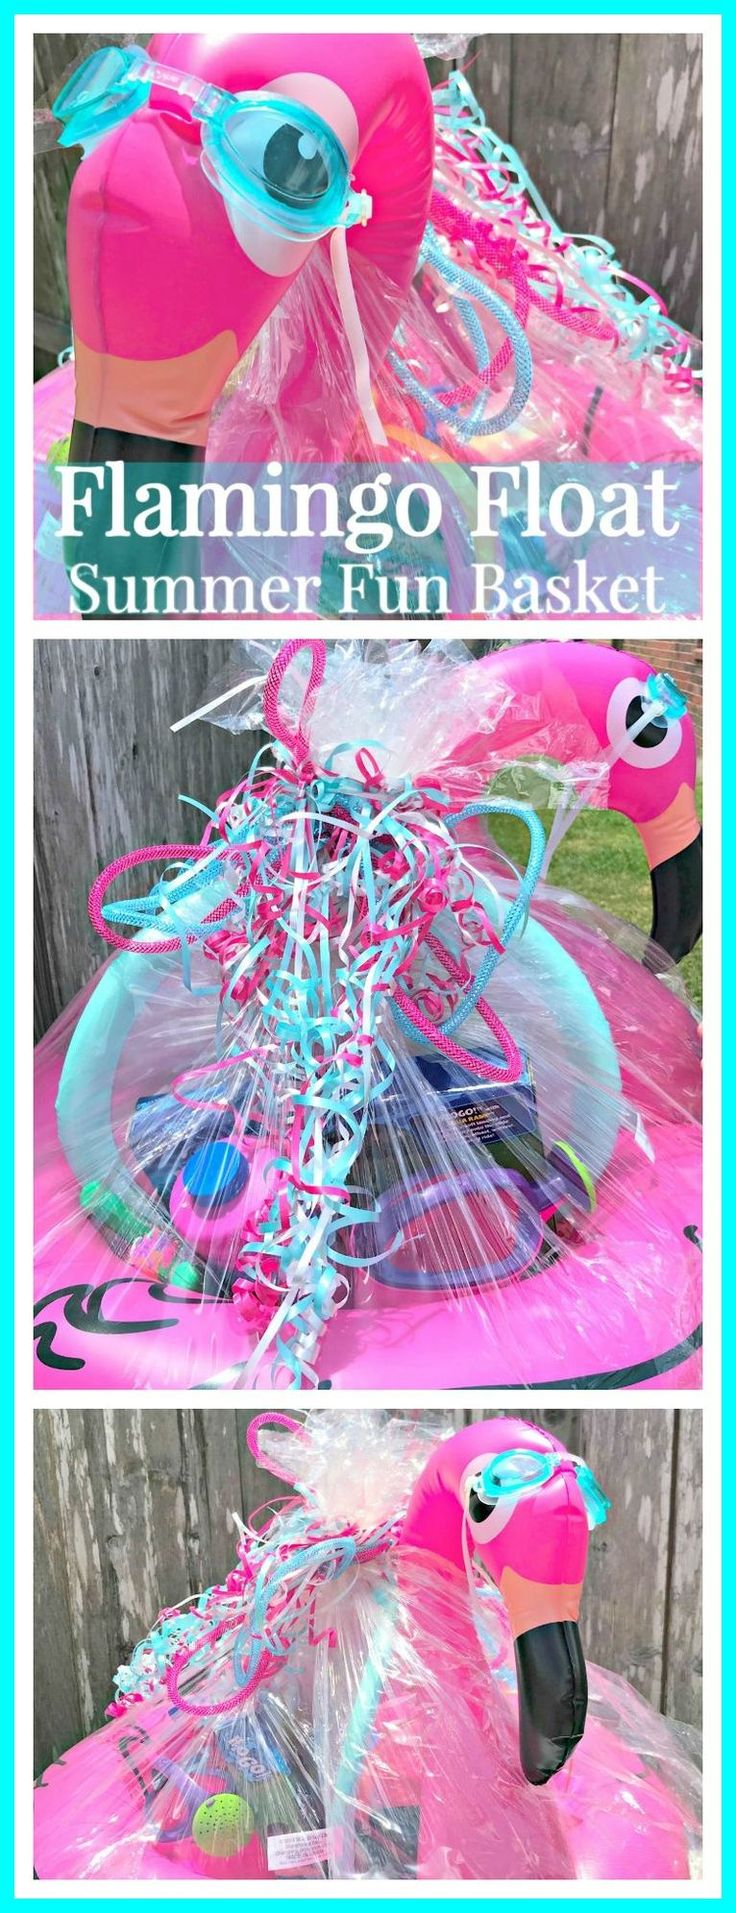 Flamingo float summer basket golf gift baskets golf